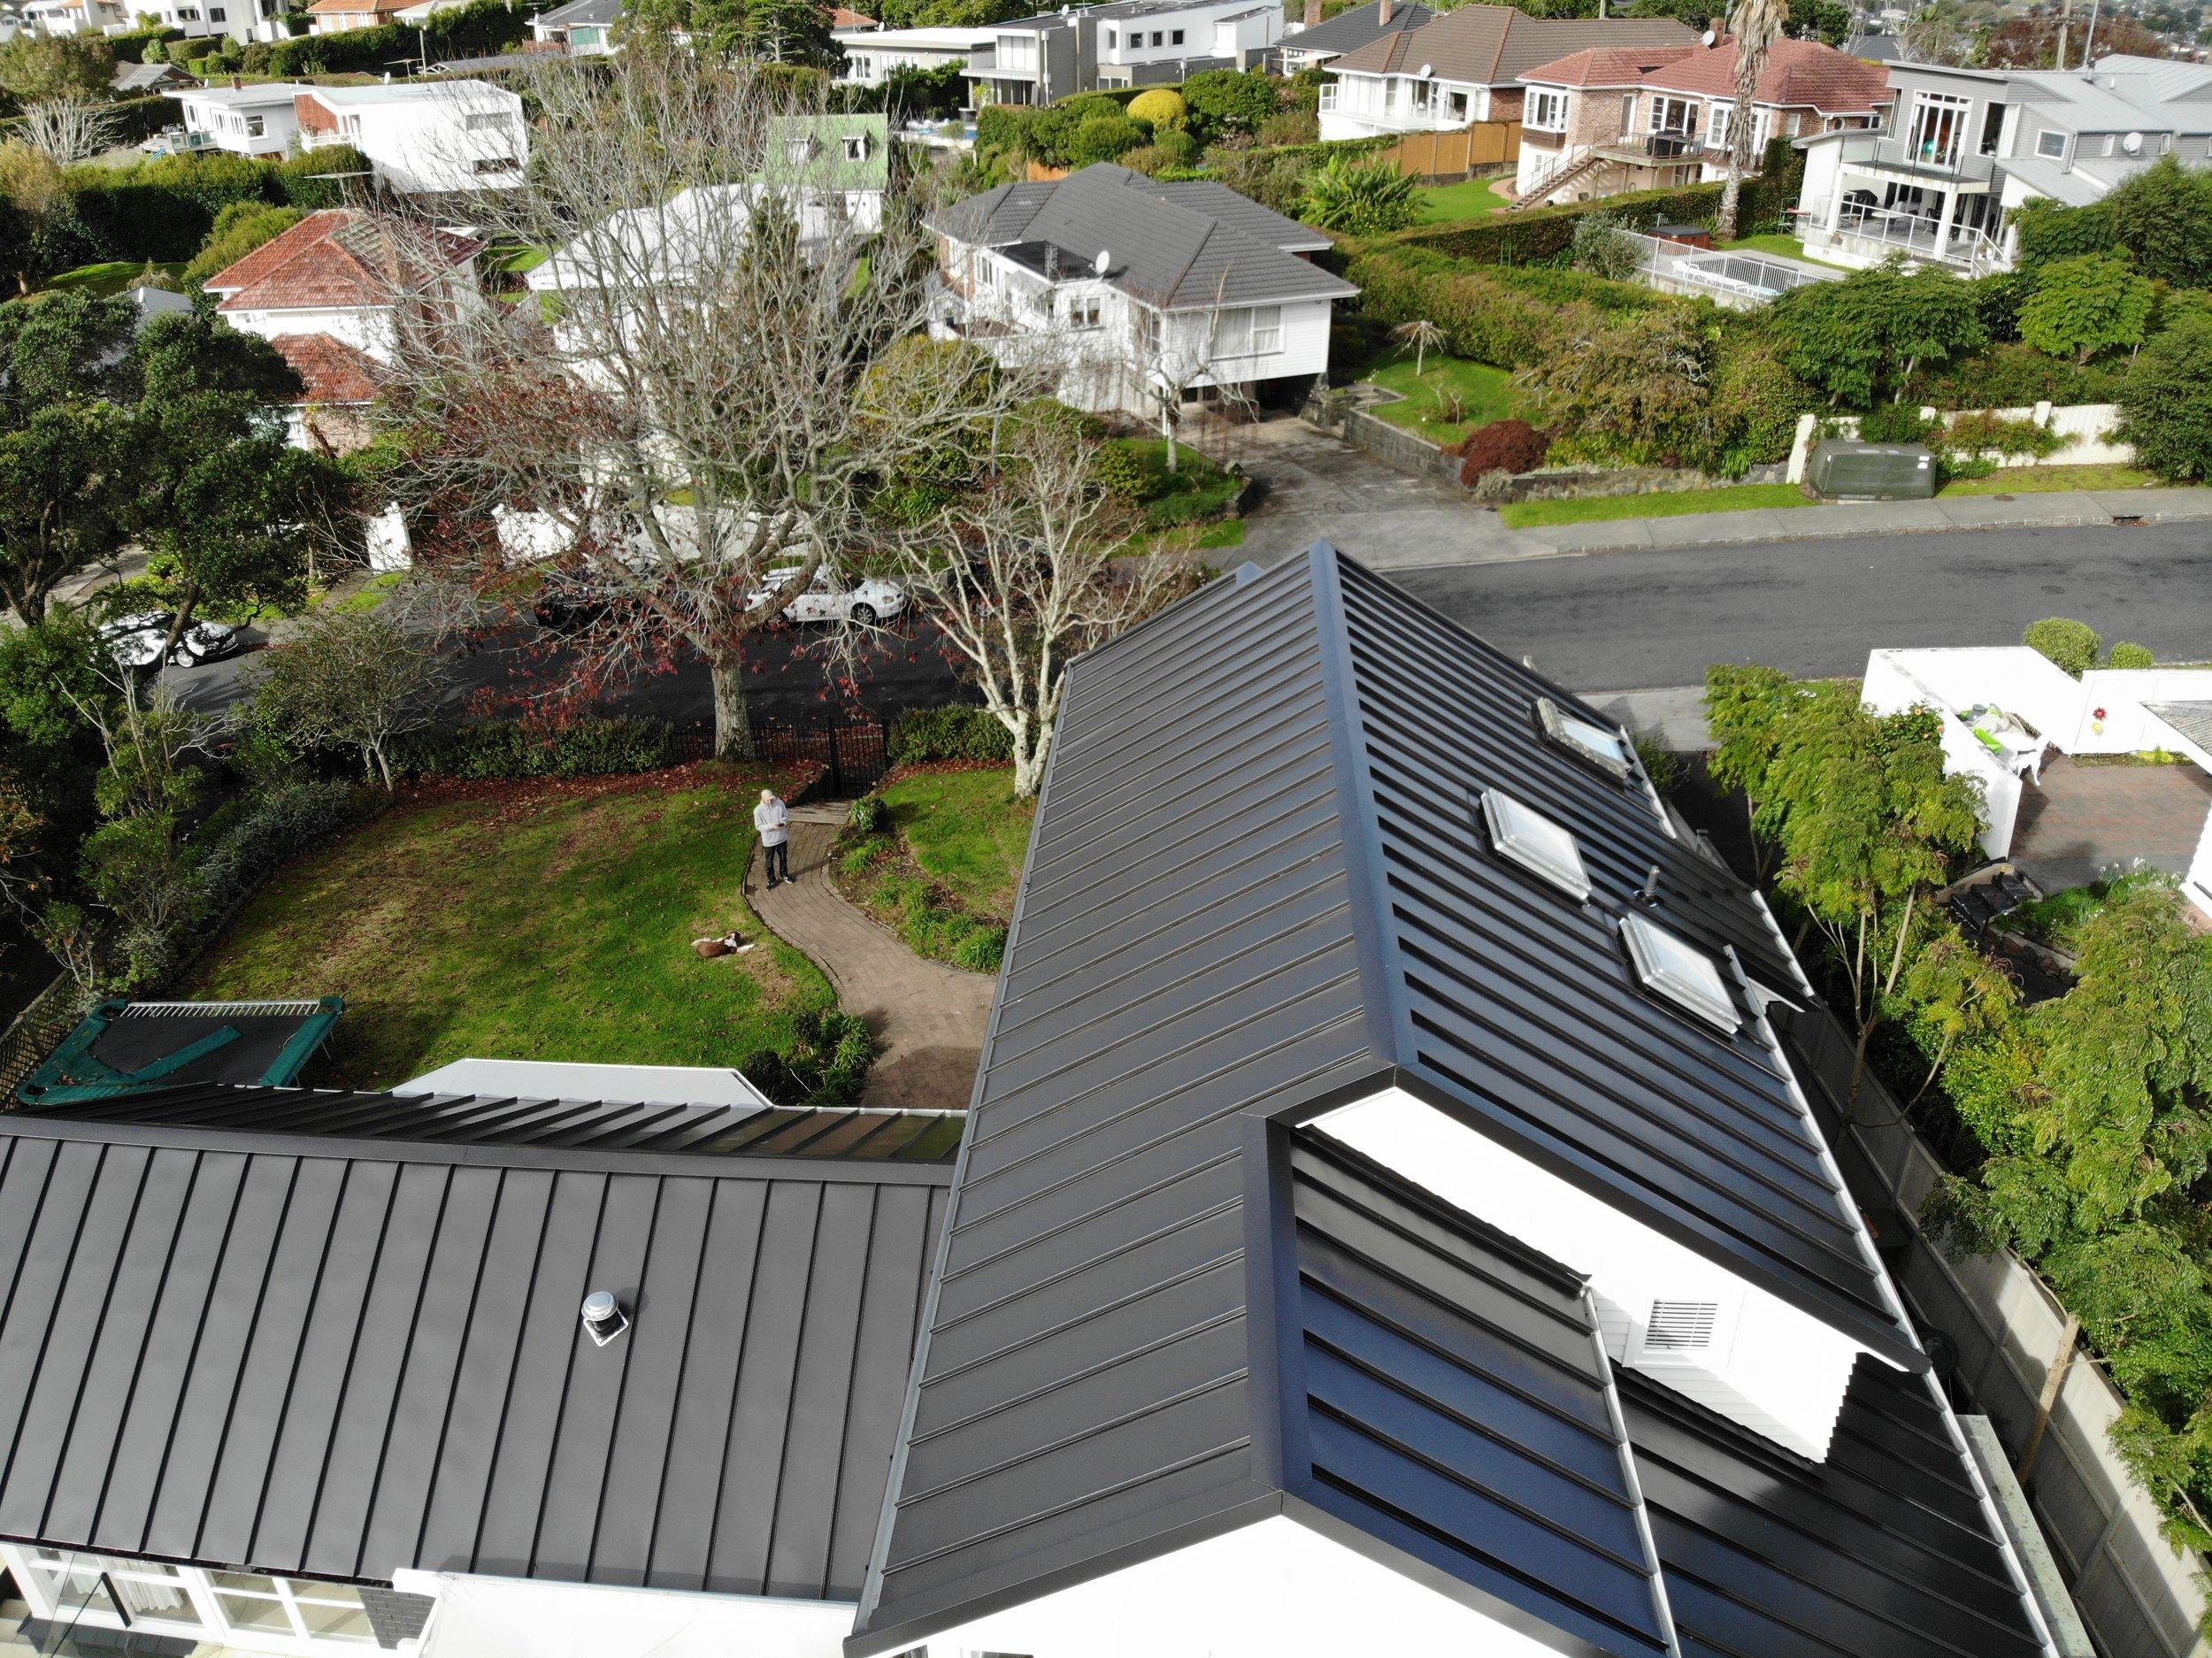 The-Roofing-Store-Steel-Metal-Super-Seam-450-Grey-Friars-2.jpg.jpg